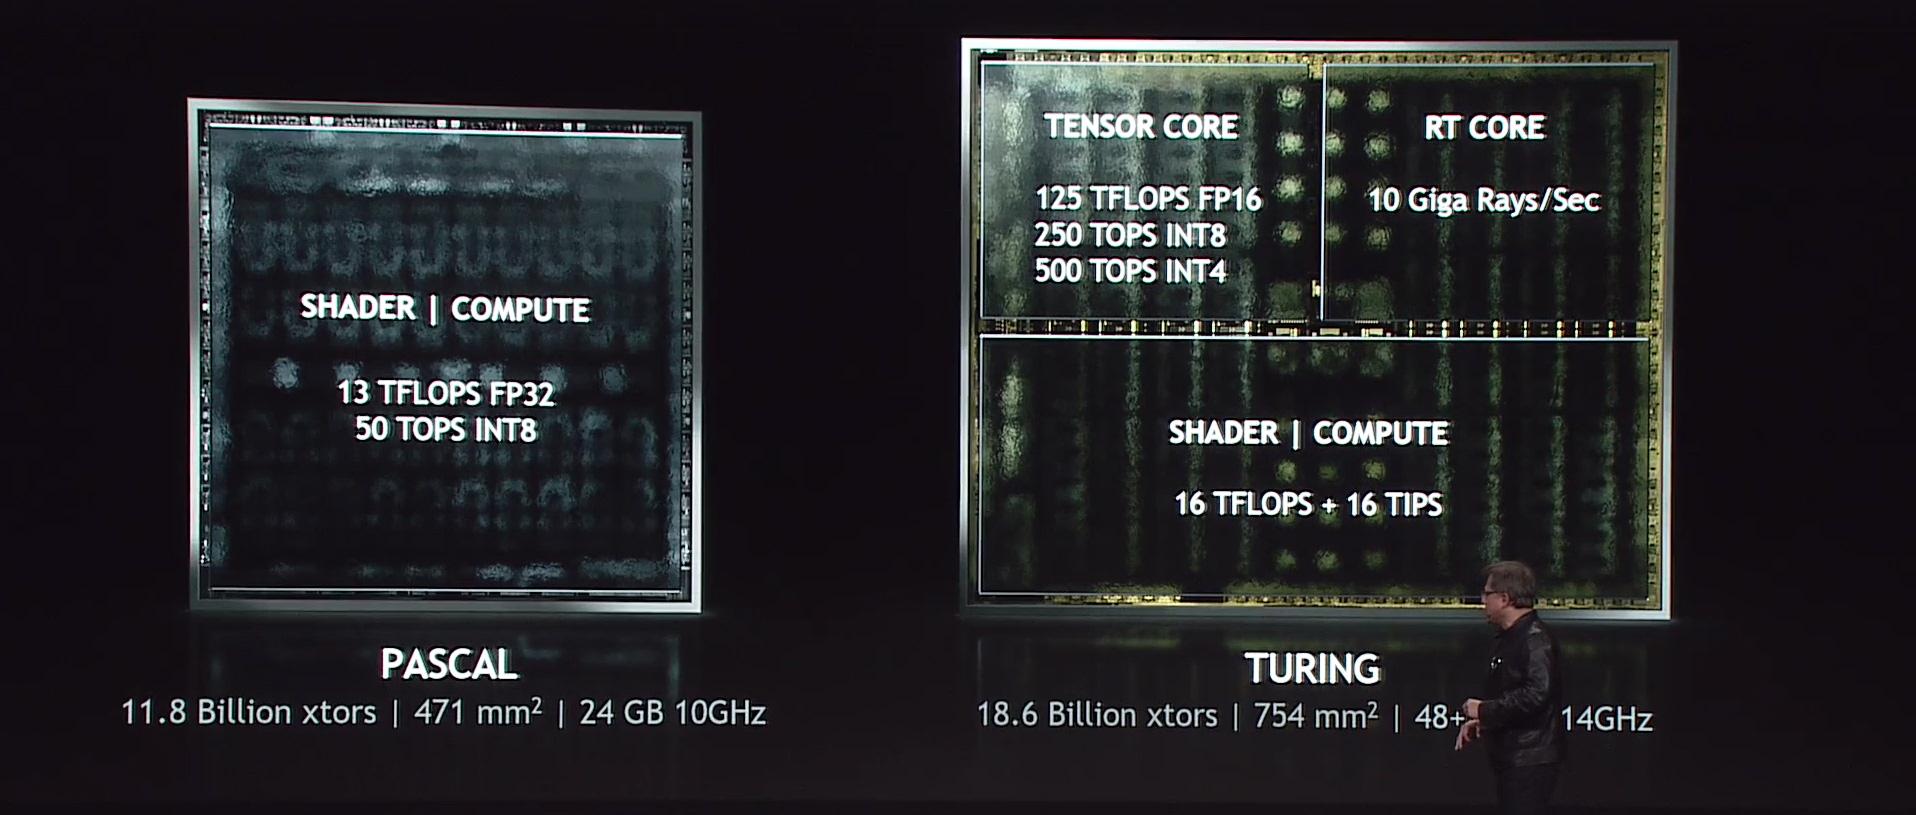 Pascal_vs_Turing.jpg